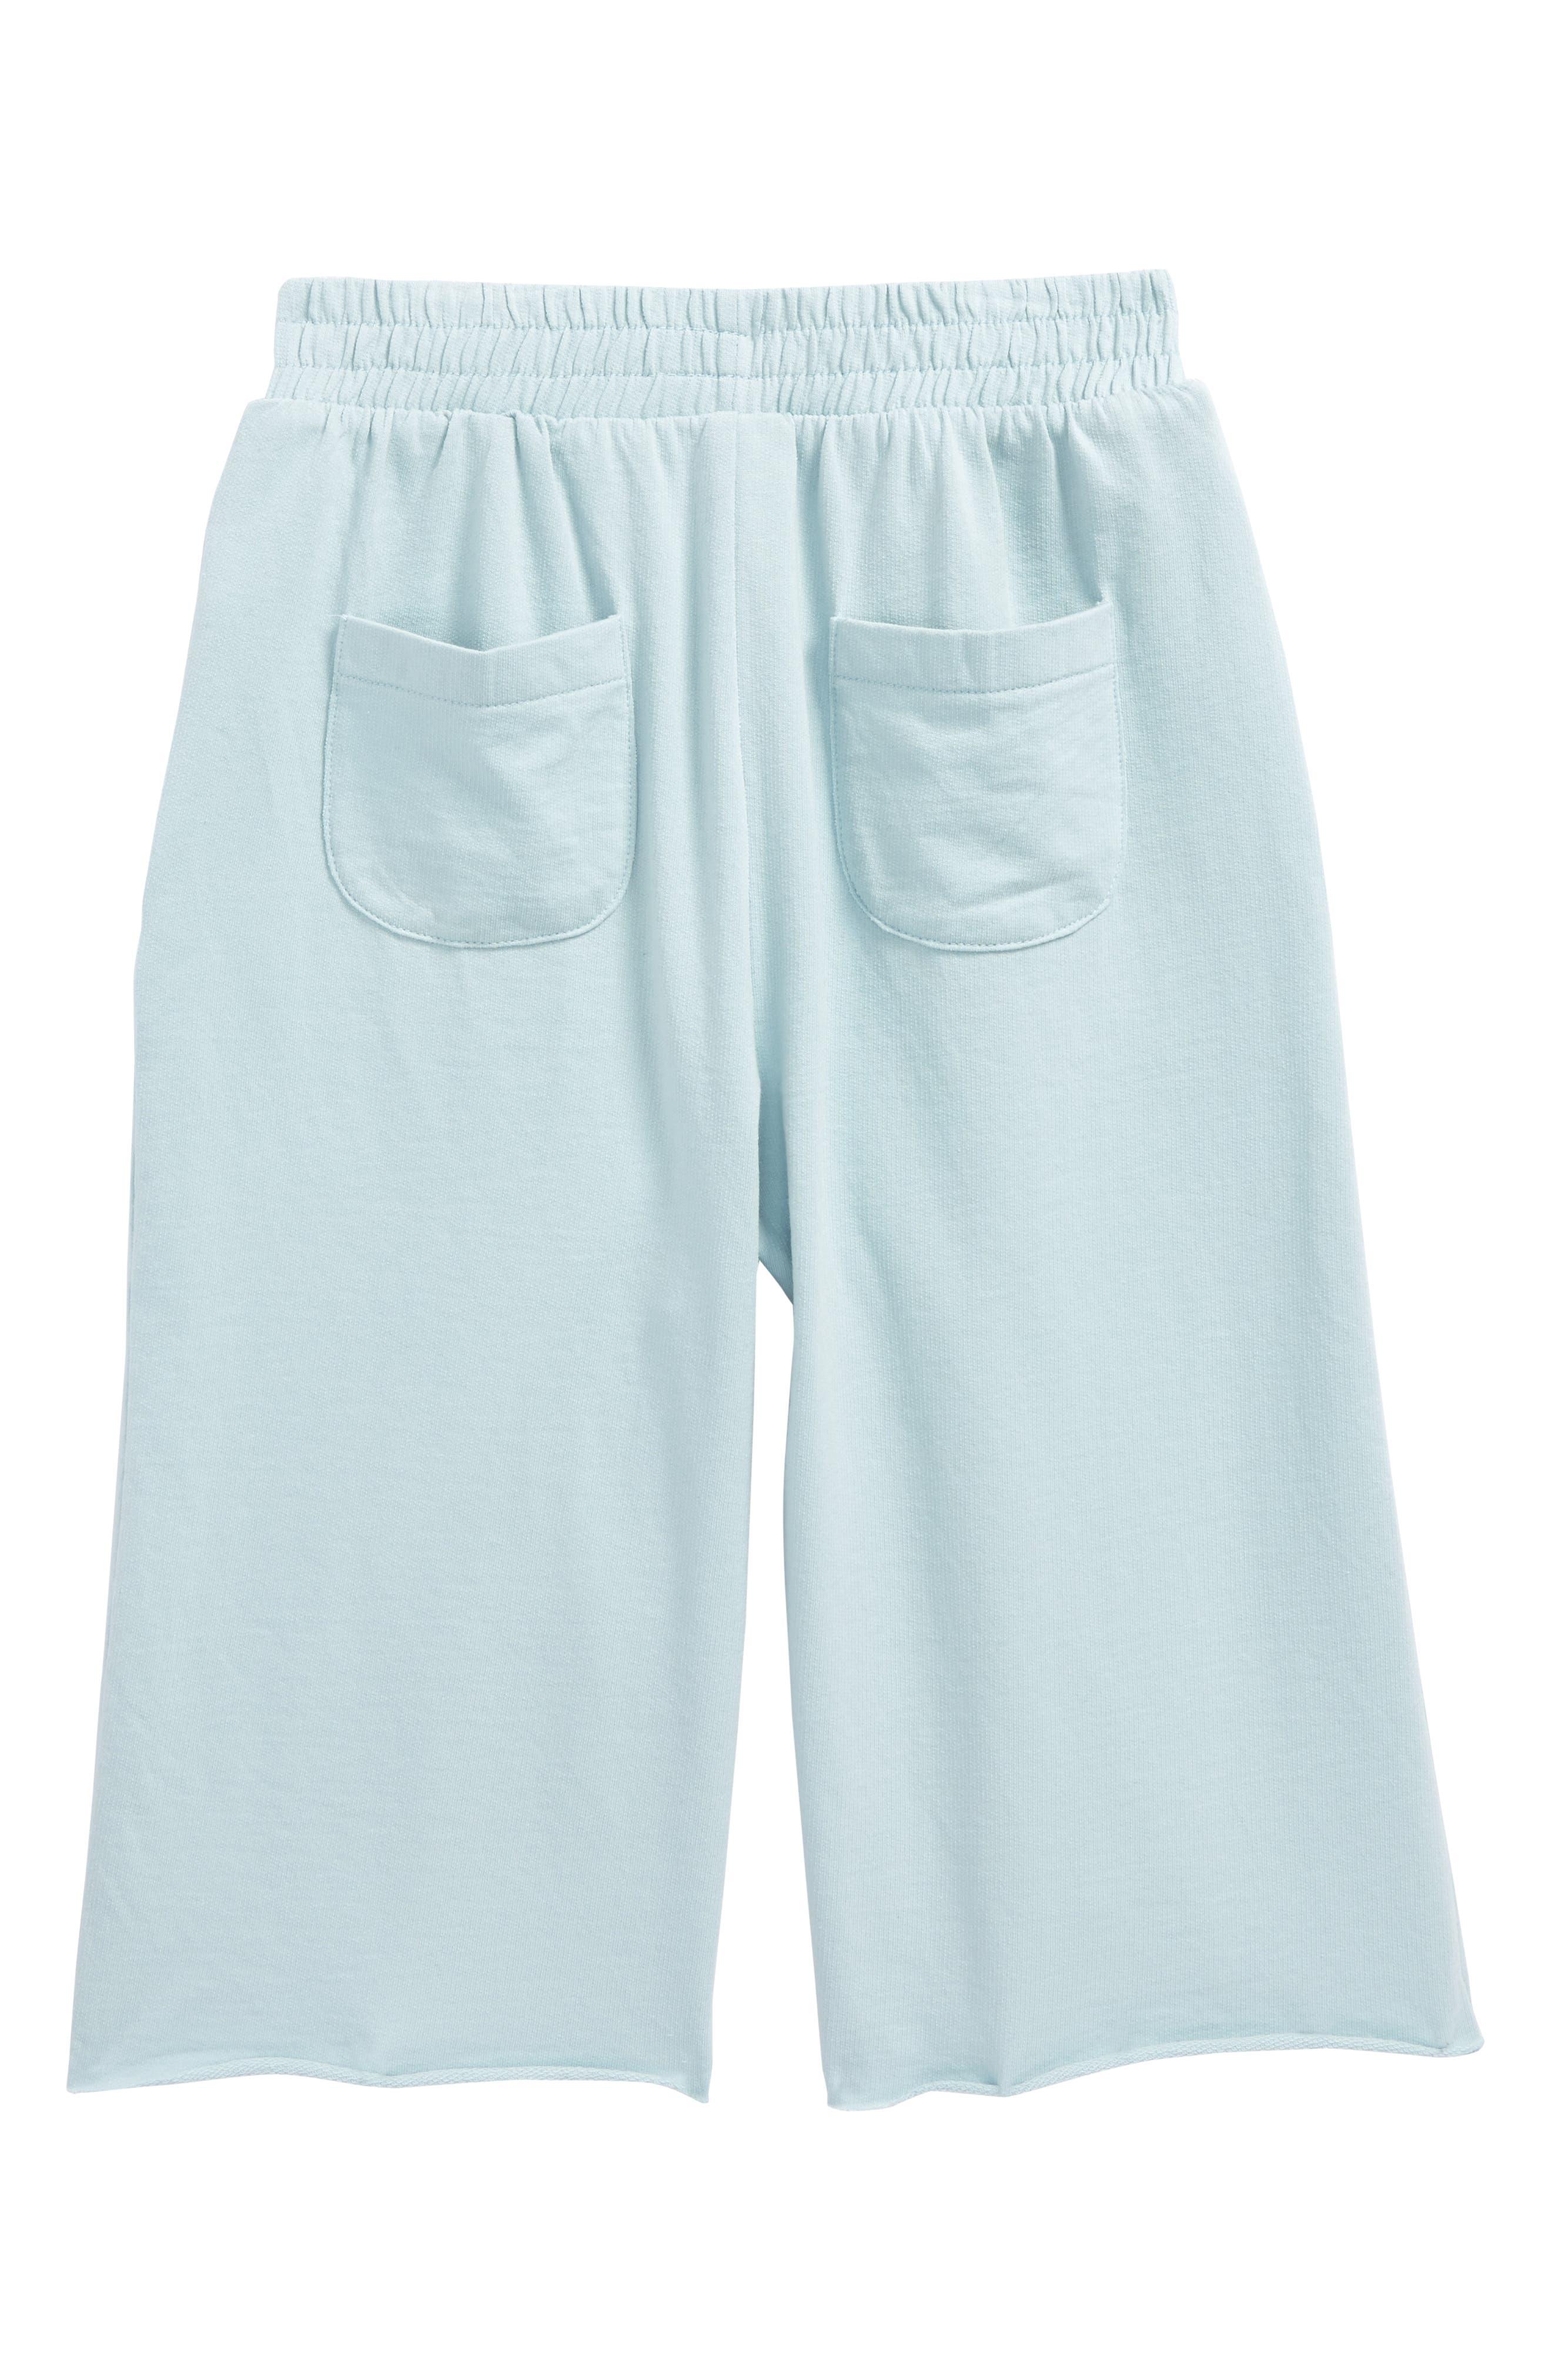 Wide Leg Sweatpants,                             Alternate thumbnail 2, color,                             450